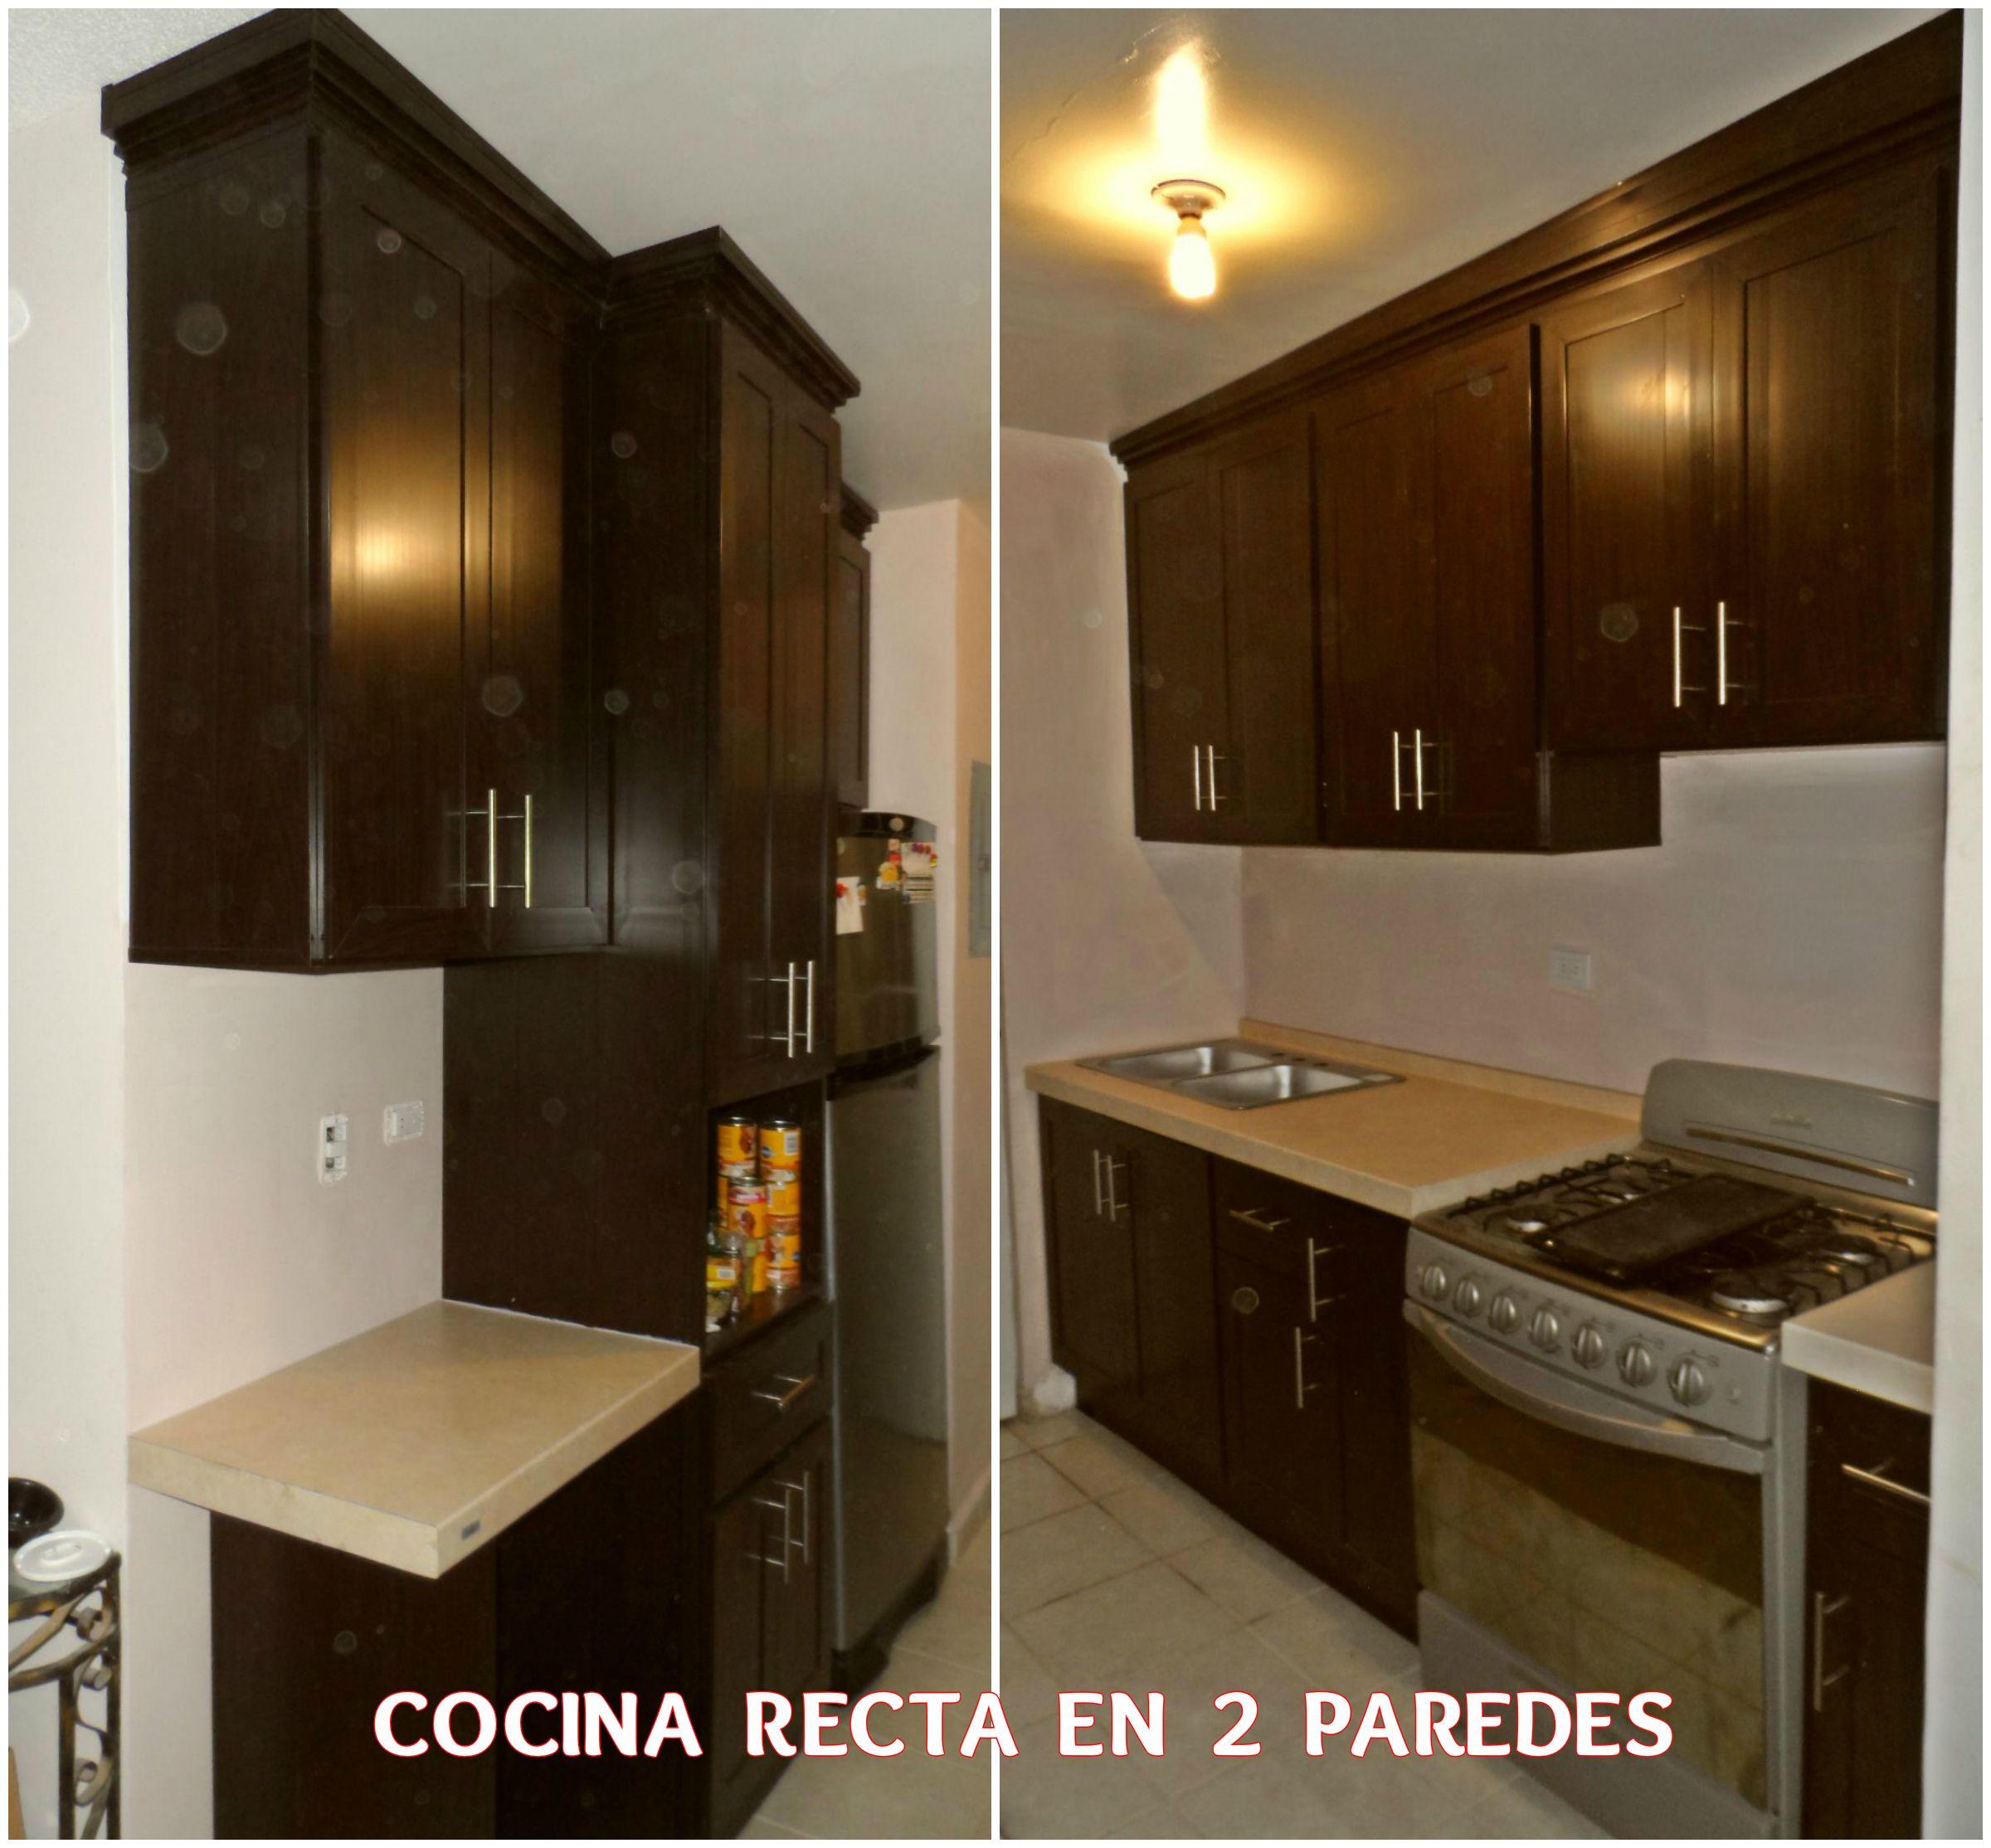 Cocina de pvc recta en 2 paredes for Tipos granitos para cocinas